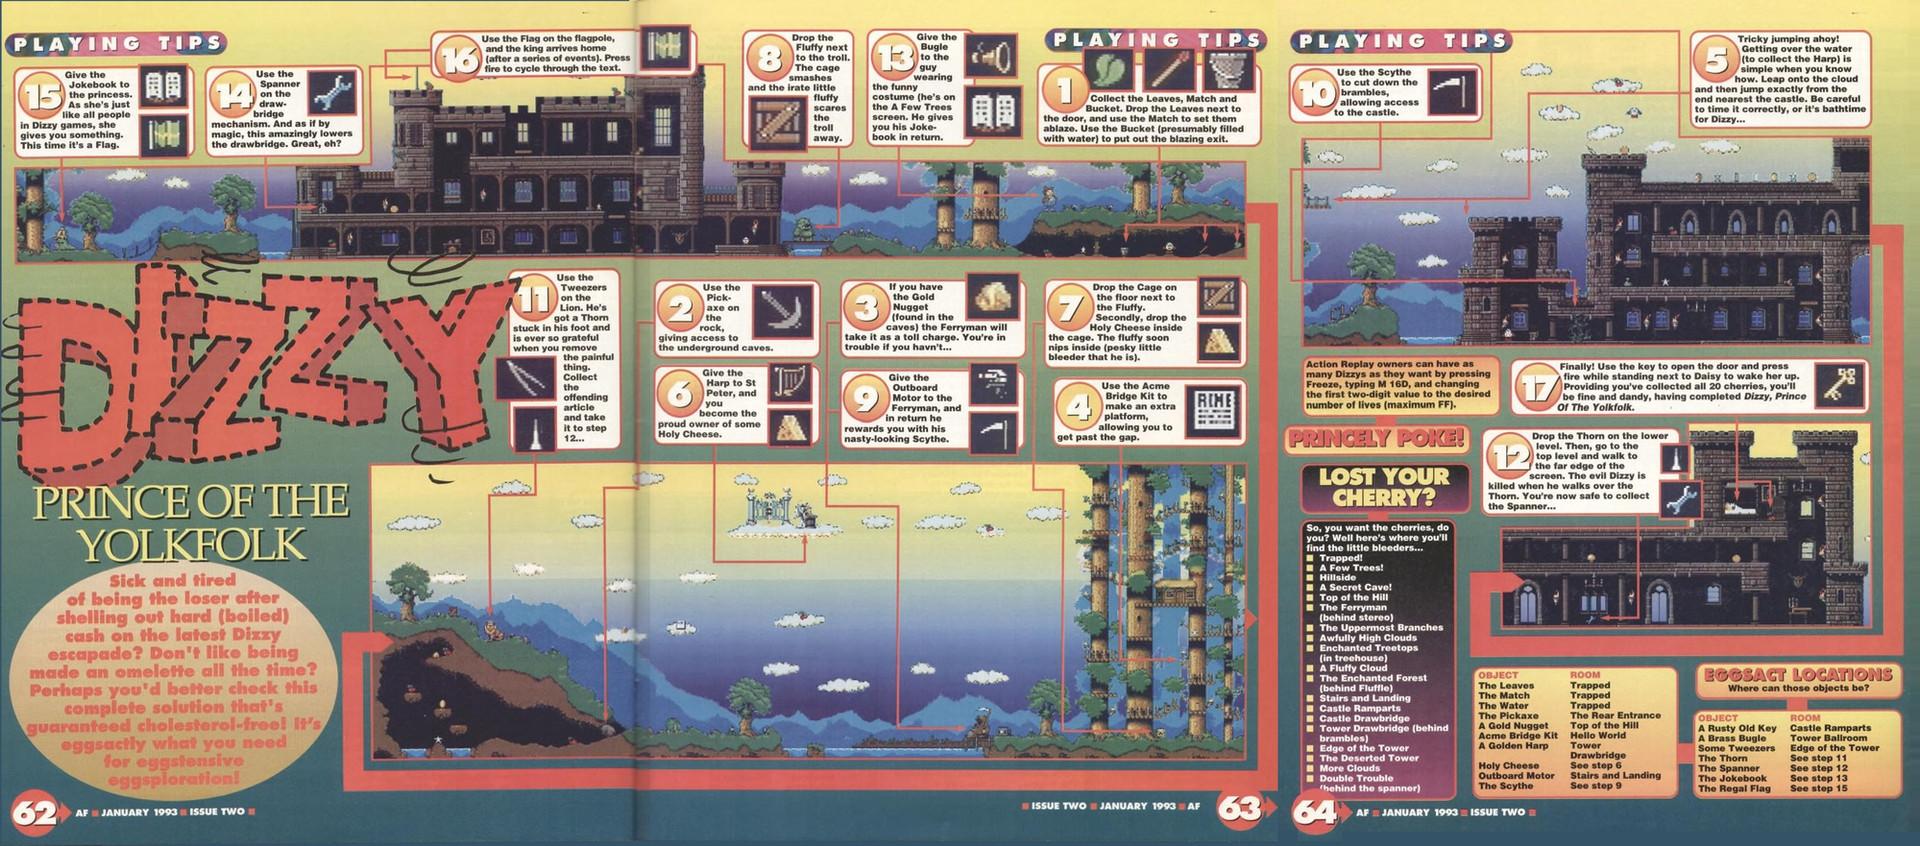 AmigaForceI2_Feb1993_Map2.jpg